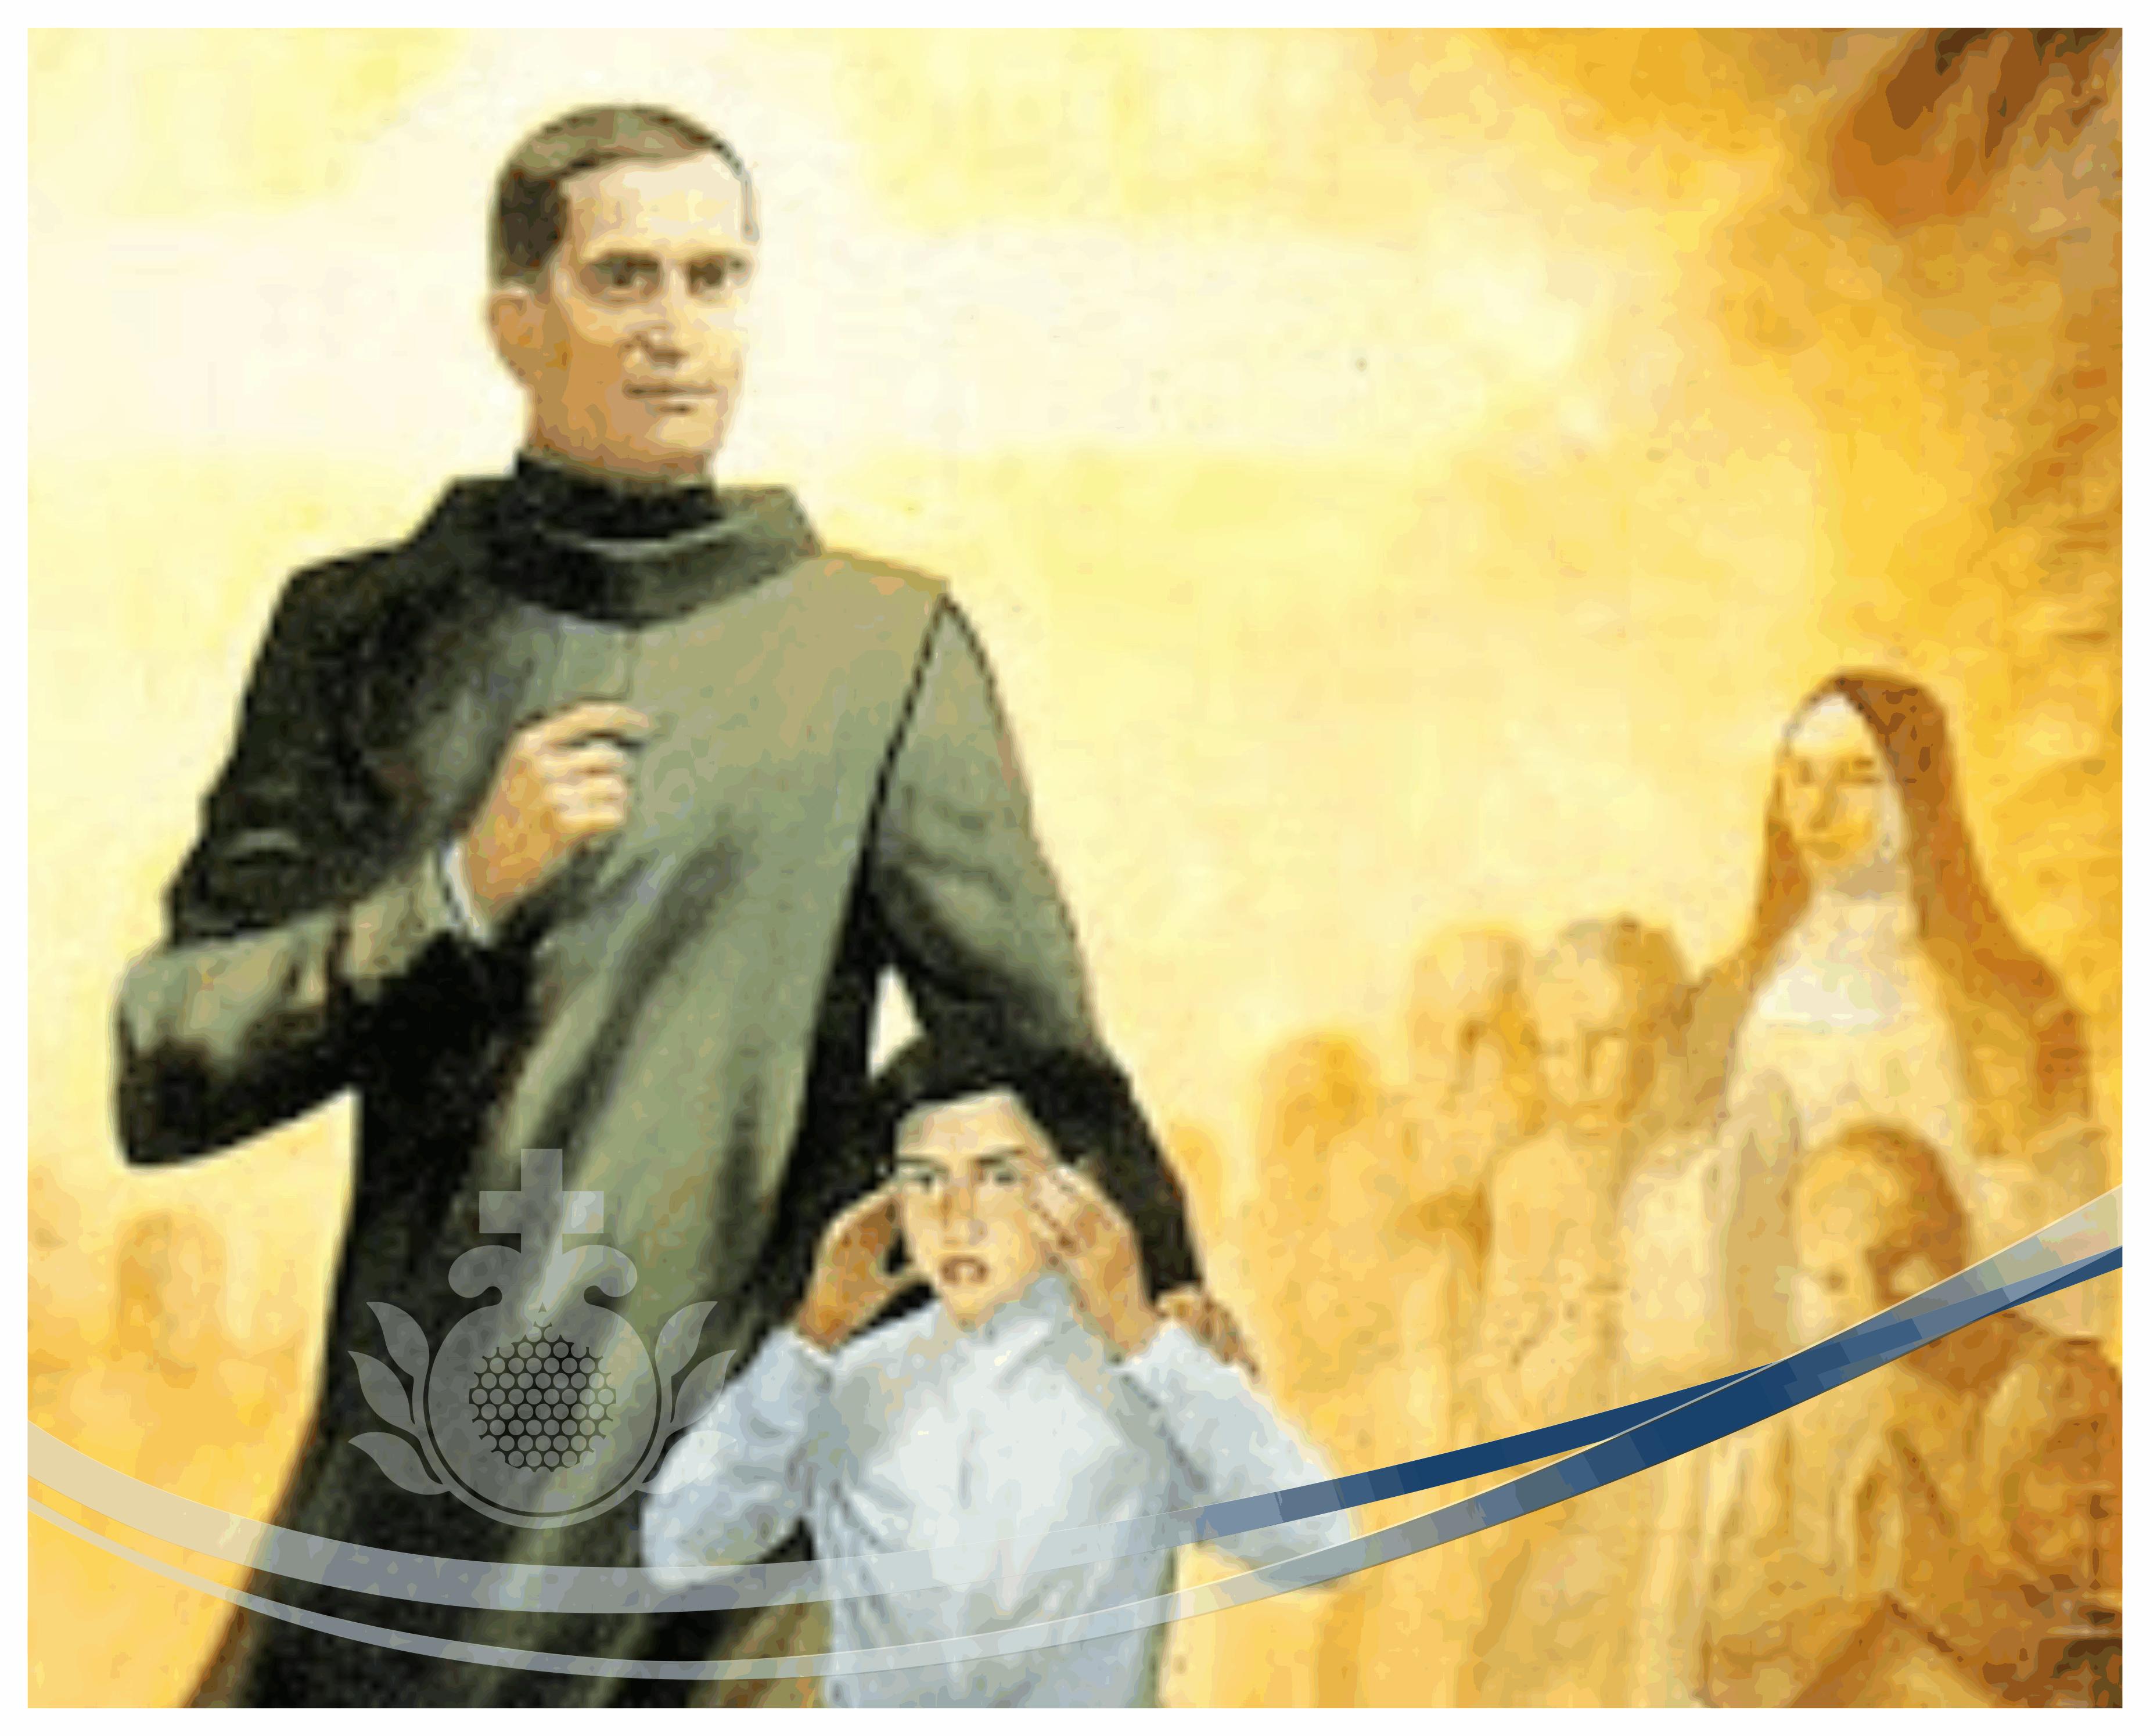 Festividad De San Ricardo Pampuri Orden Hospitalaria De San Juan De Dios Colombia